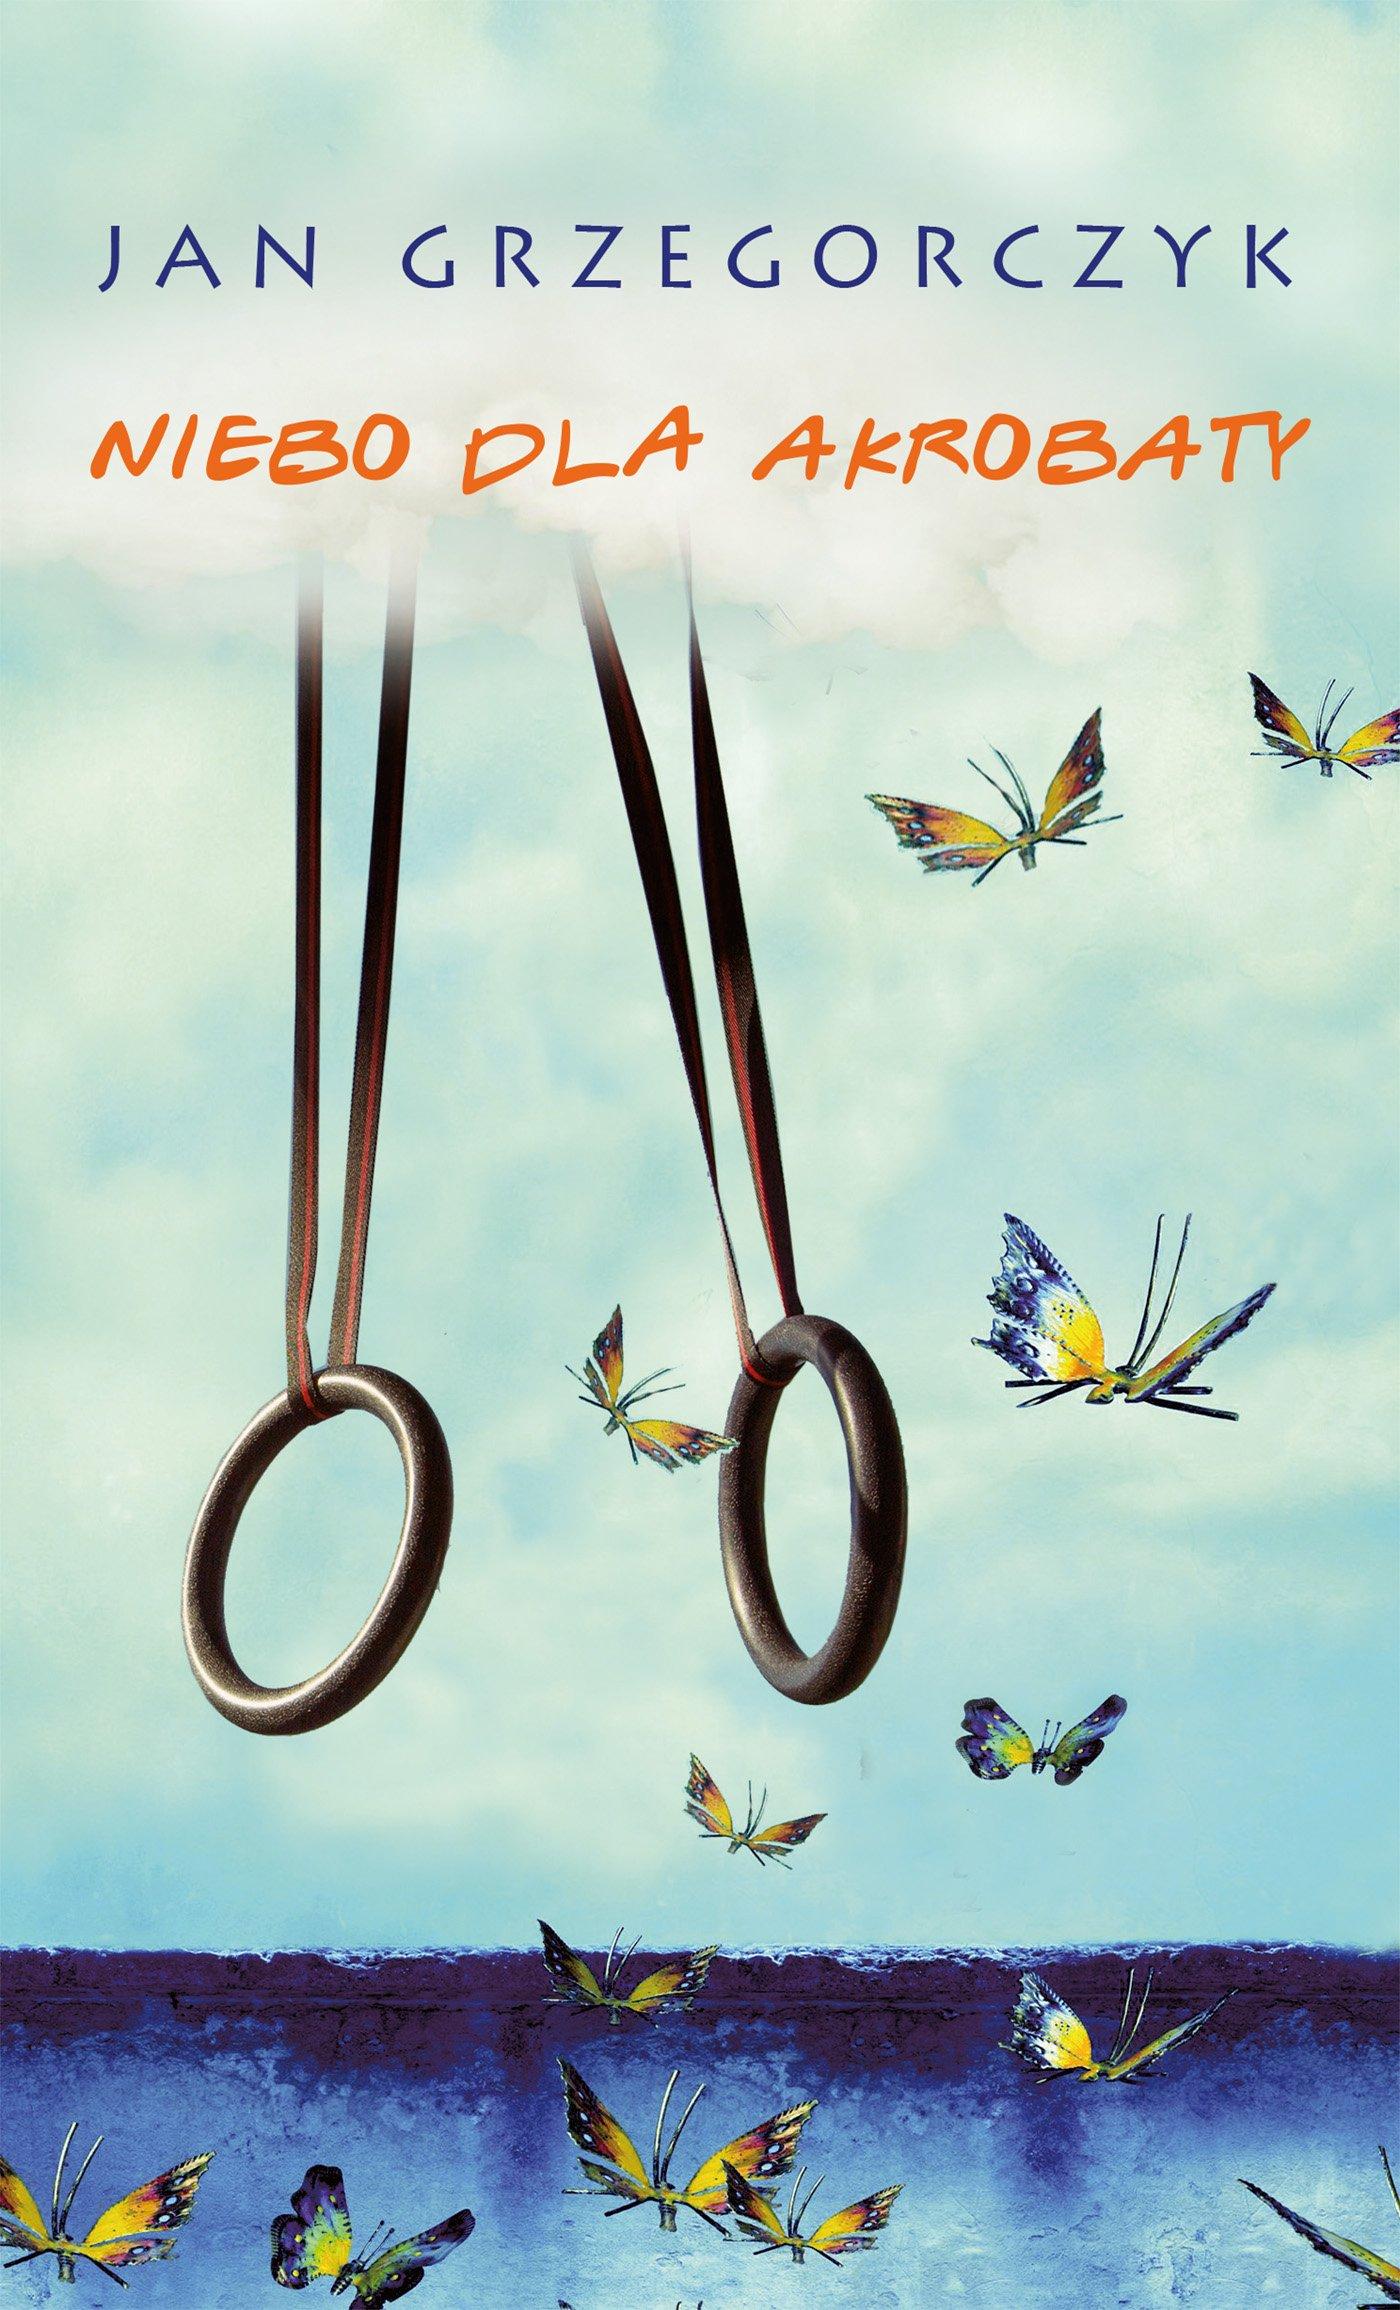 Niebo dla akrobaty - Ebook (Książka na Kindle) do pobrania w formacie MOBI